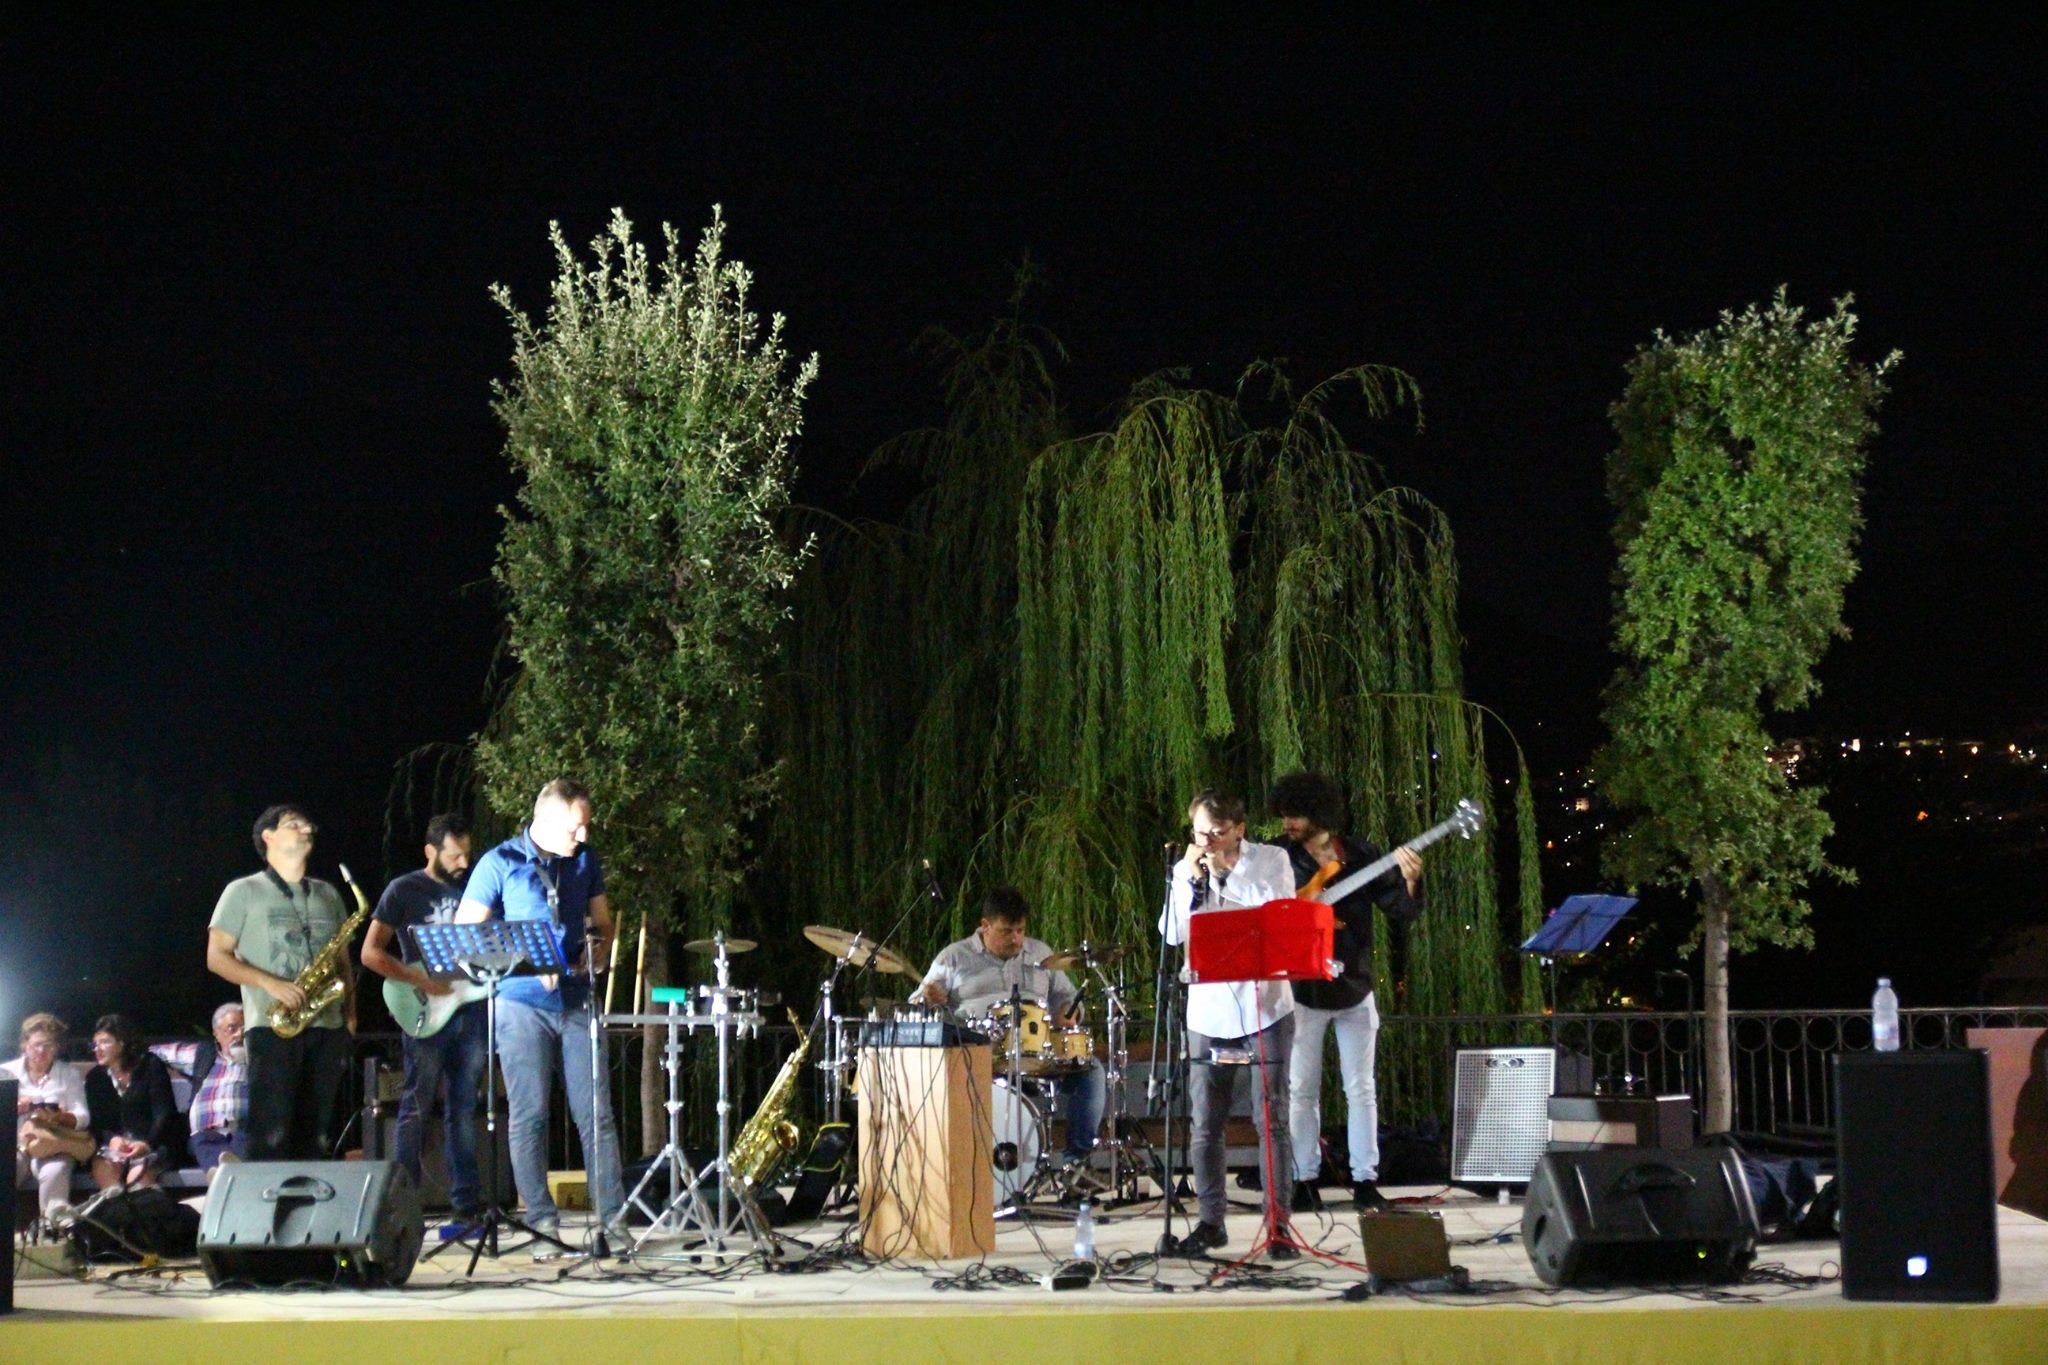 Settimana Folkloristica, 'The Wine Shaker' in concerto a Foglianise